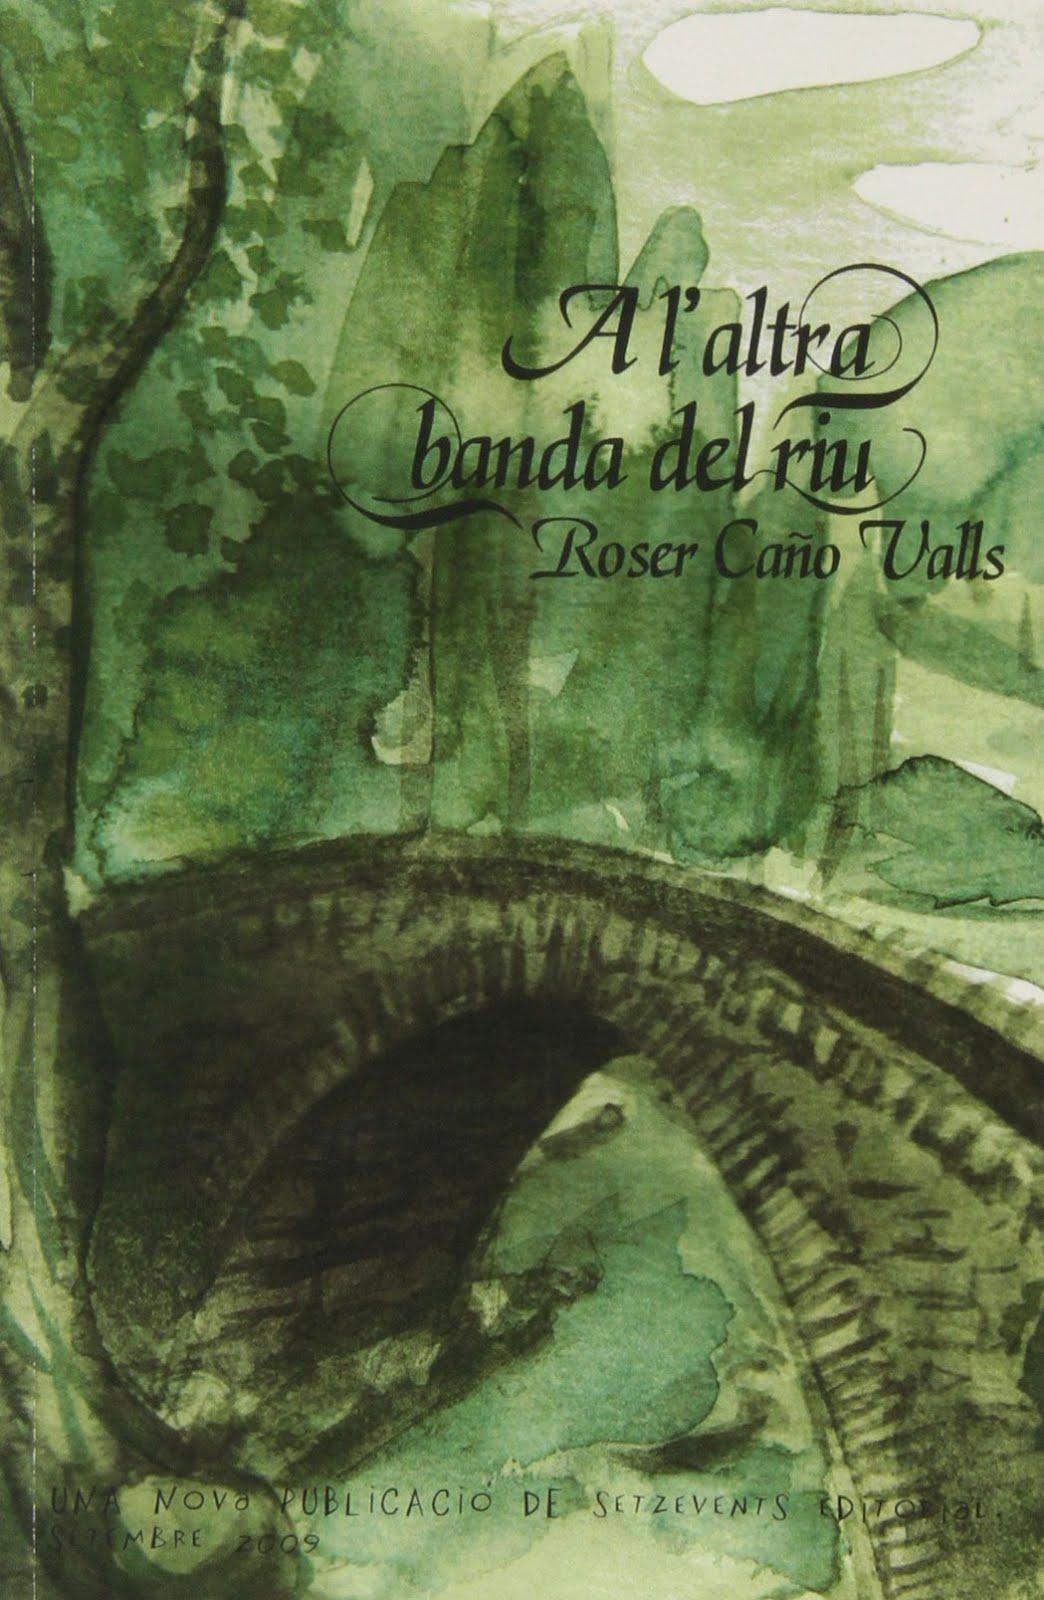 El meu primer llibre: A l'altra banda del riu